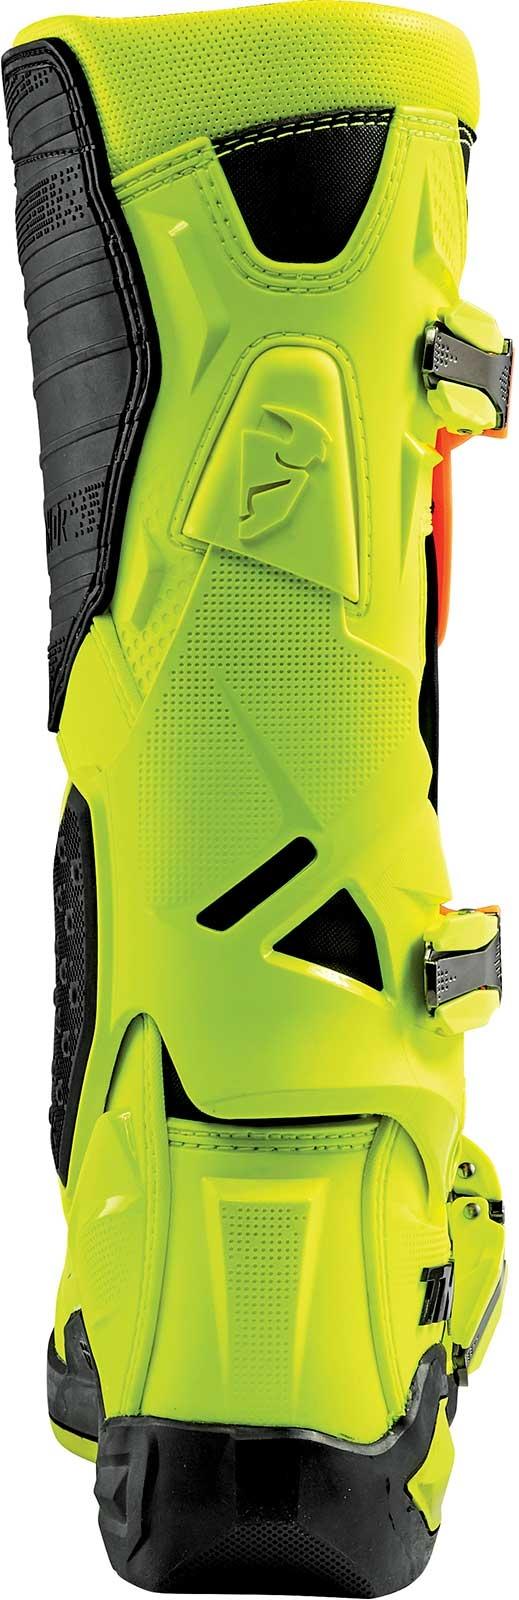 Thor Radial Back View Flo Orange-Yellow